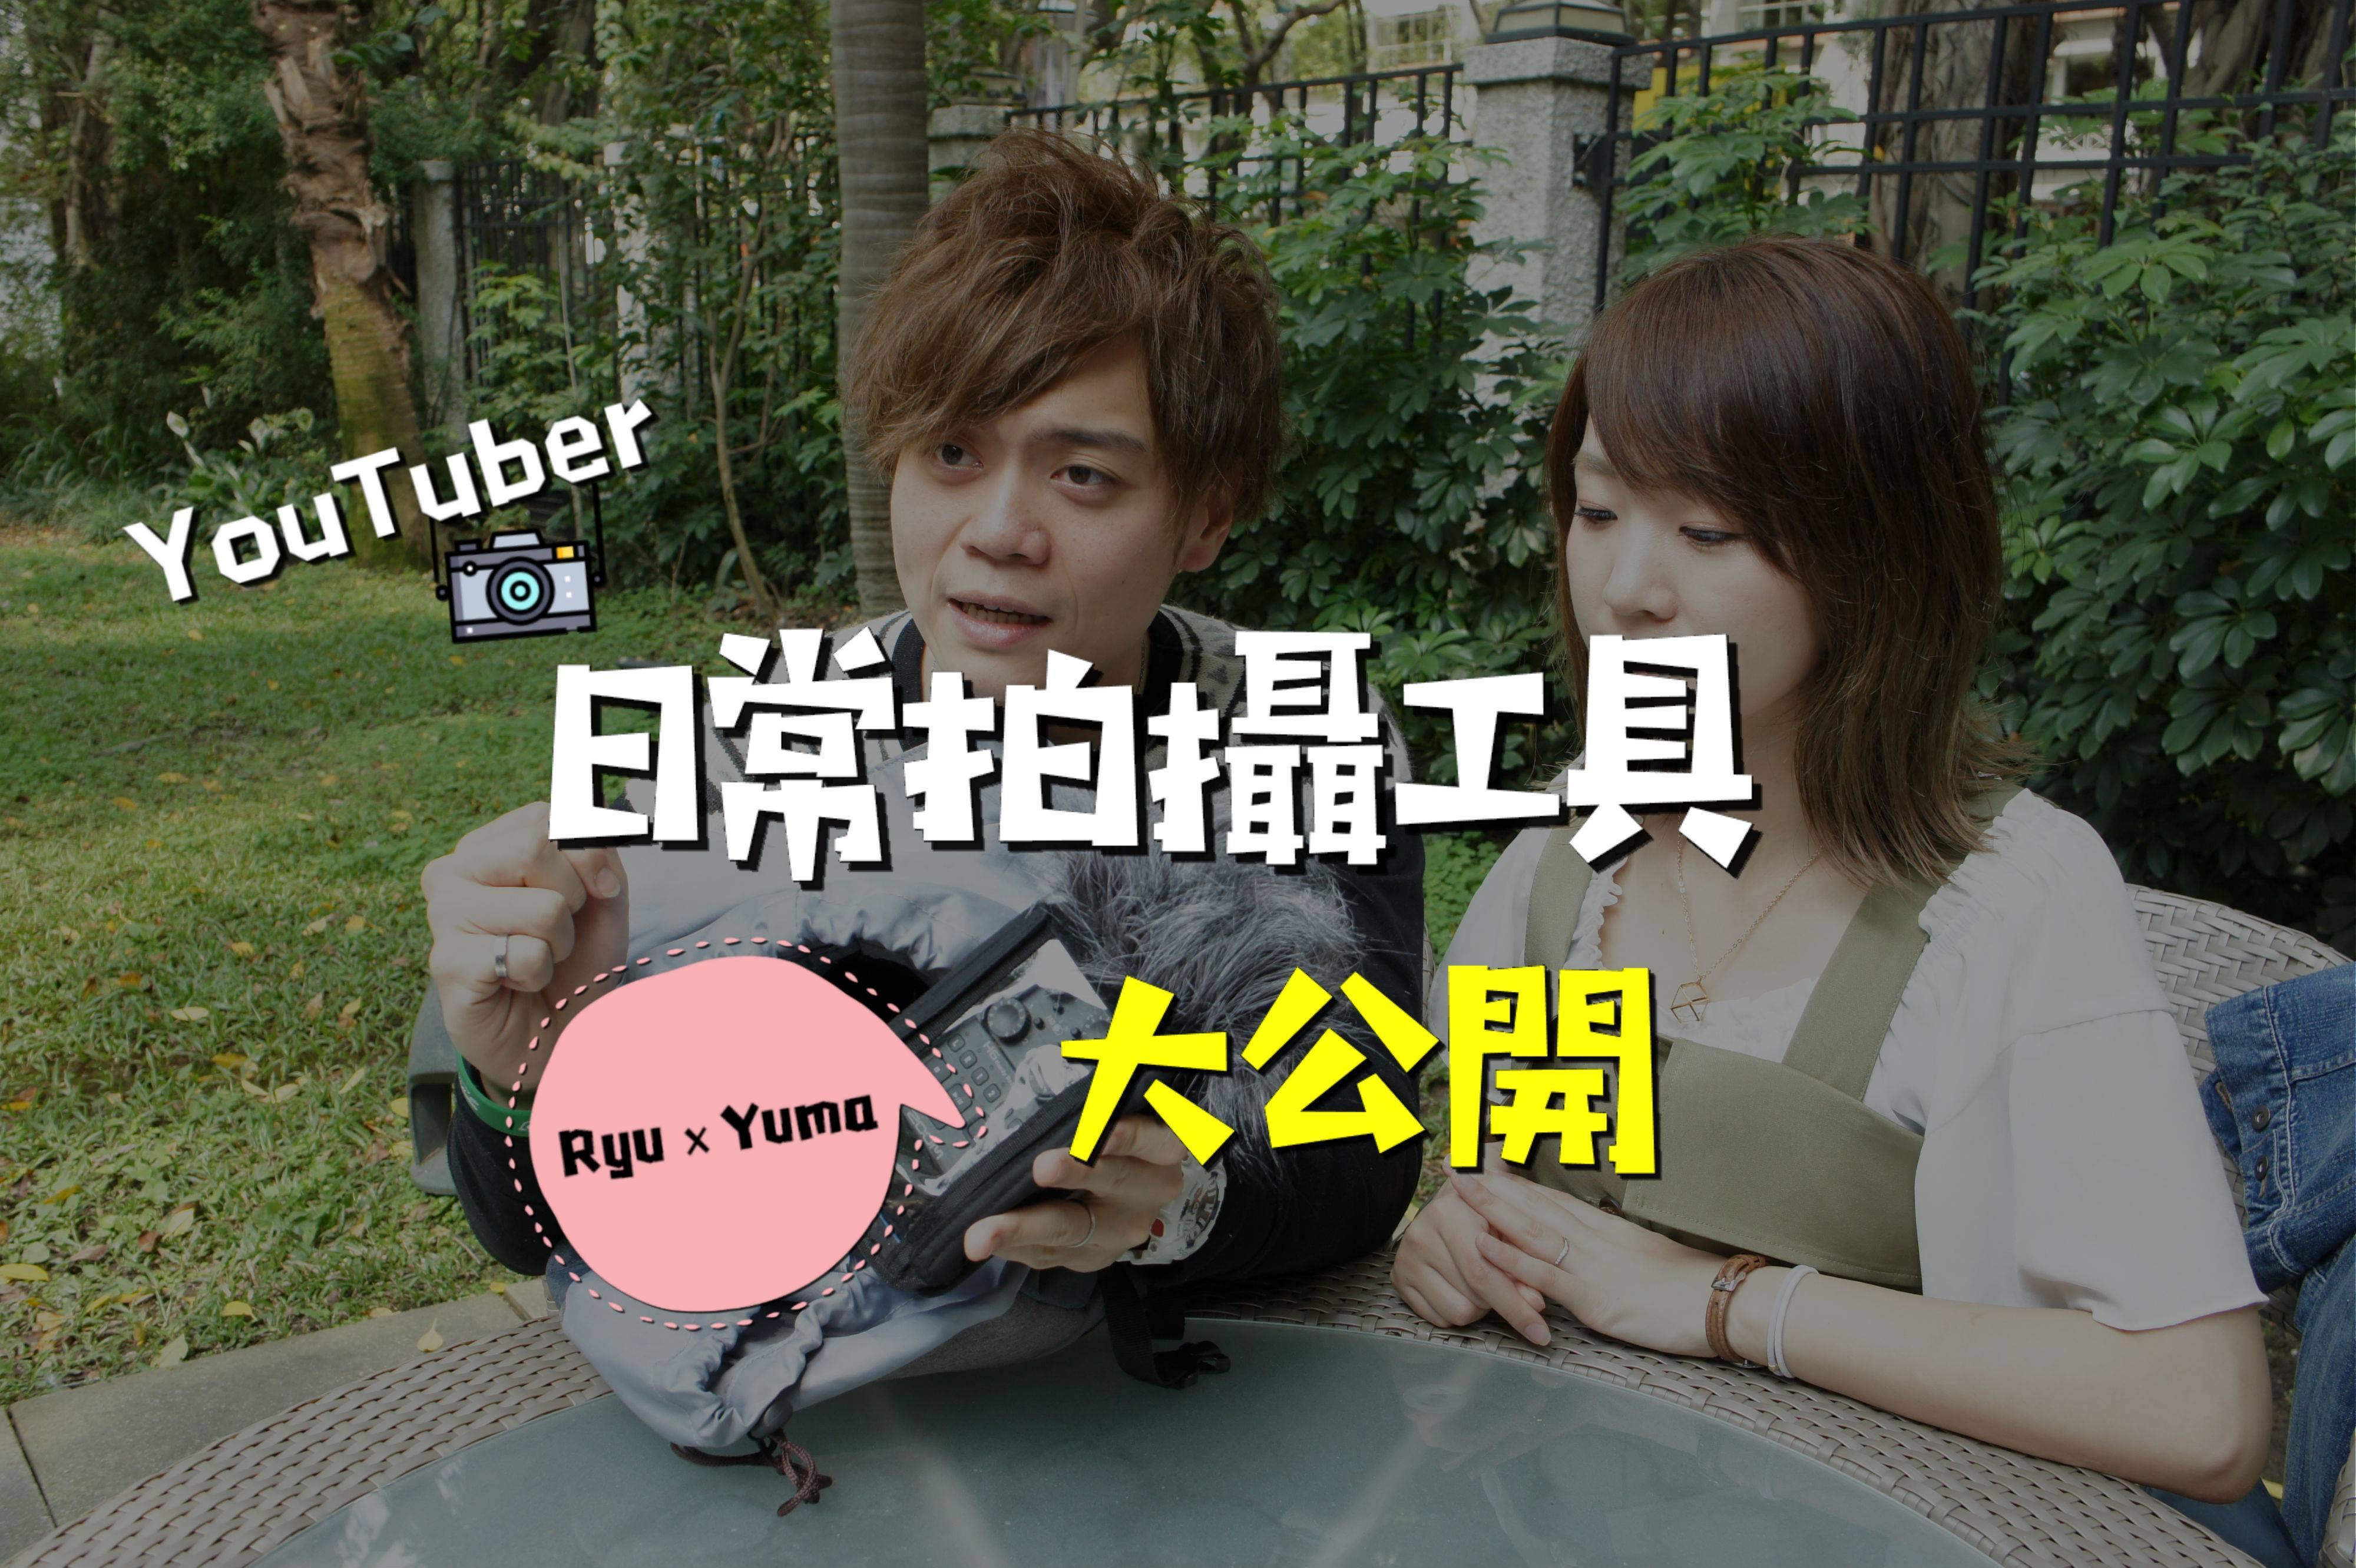 【YouTuber 拍攝工具大公開 x Ryu&Yuma】 包包首次公開!裡面有沒有什麼不可告人的秘密呢?